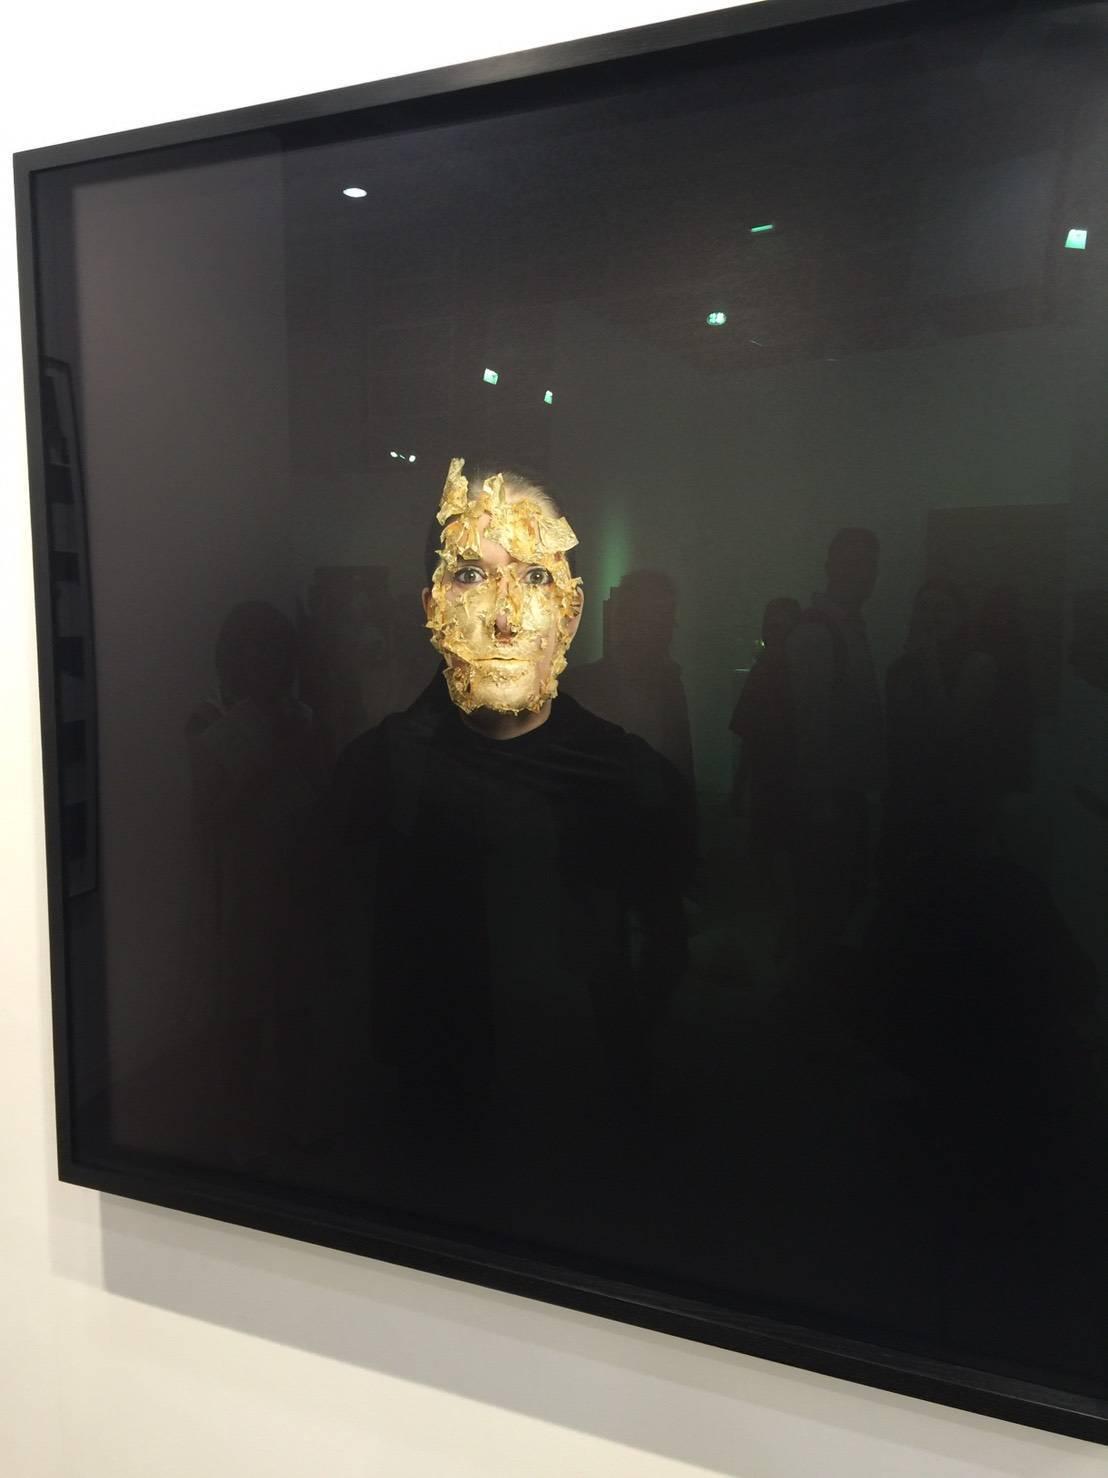 尚凱利Marina Abramovic作品Portrait with a Golden Mask